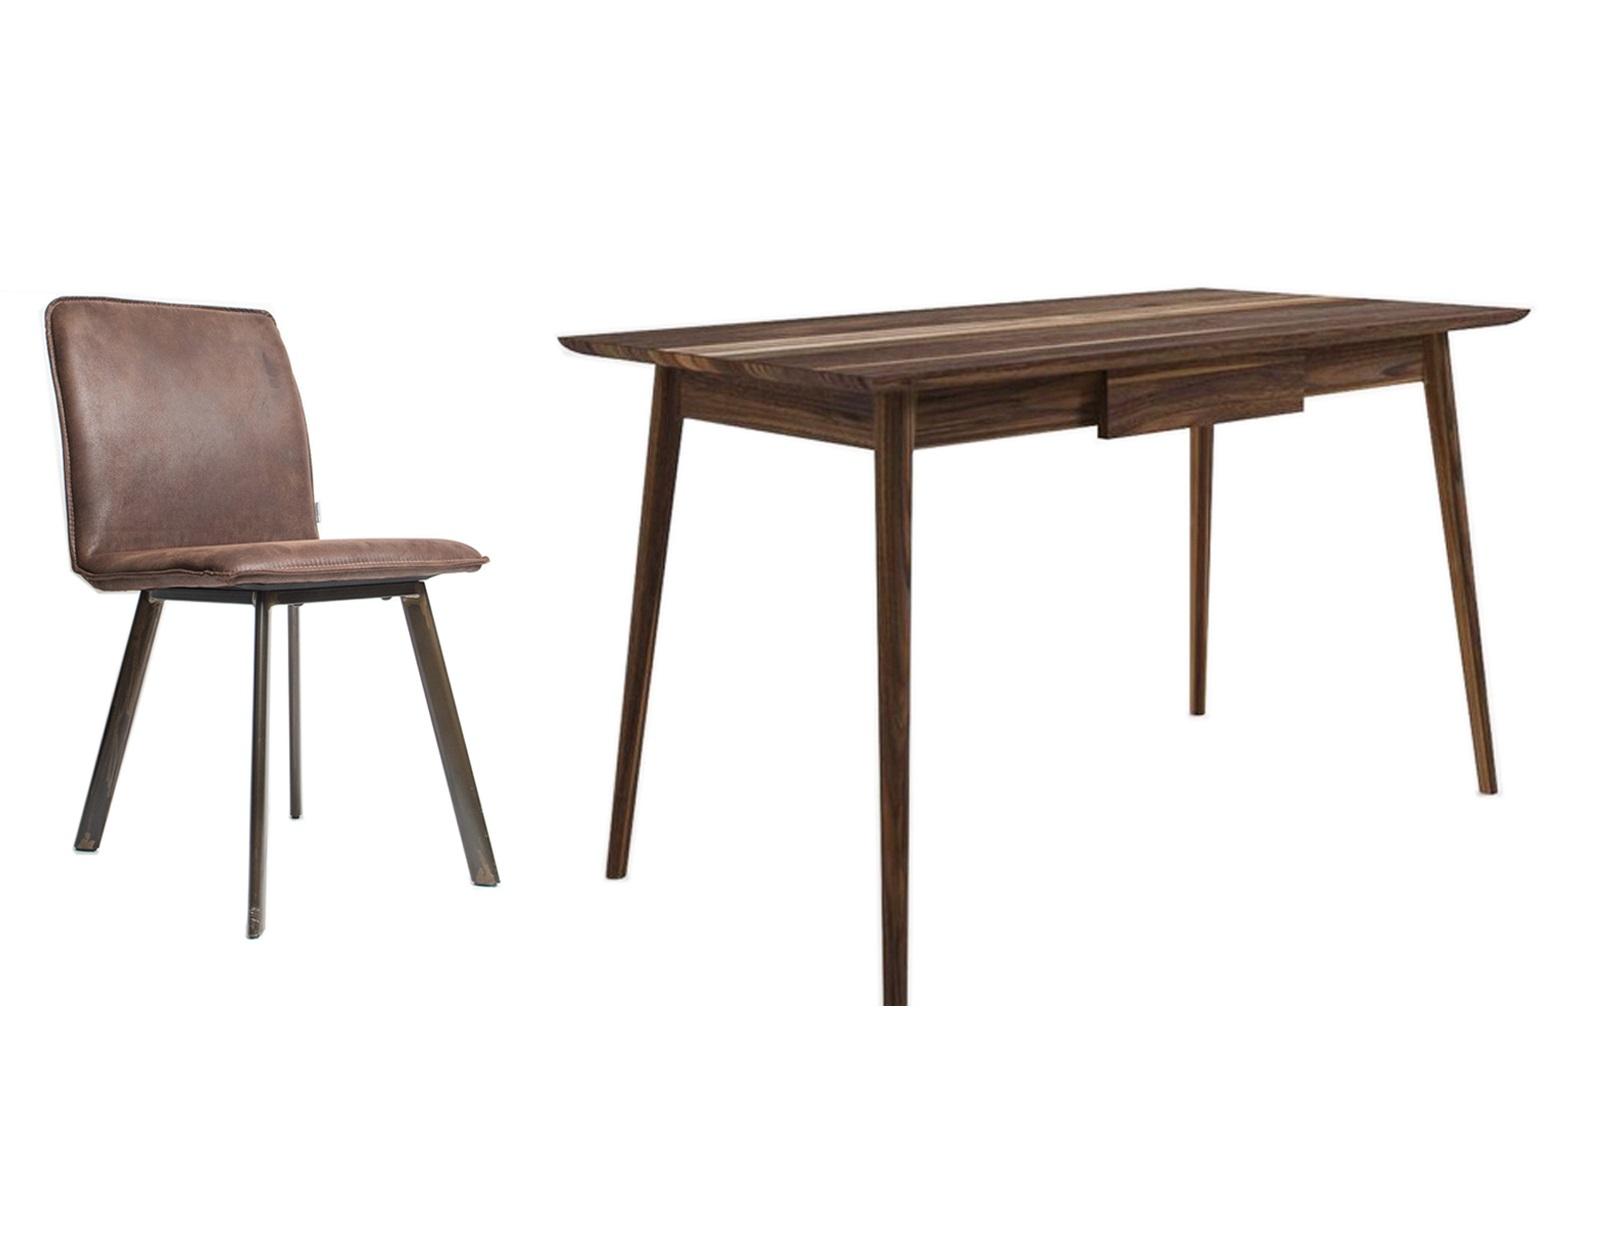 Обеденная группа Vintage (стол + 4 стула)Комплекты для столовой<br>&amp;lt;div&amp;gt;Если работать, то с удовольствием и комфортом. Письменный стол Vintage создан в лучших традициях минимализма. Визуальную лёгкость и изящество обеспечивают тонкие линии силуэта и отсутствие лишних деталей.&amp;amp;nbsp;&amp;lt;/div&amp;gt;&amp;lt;div&amp;gt;Простой и элегантный.&amp;amp;nbsp;&amp;lt;/div&amp;gt;&amp;lt;div&amp;gt;Cтул в стиле Loft с обивкой из высококачественной экозамши ( Recycled Leather)&amp;amp;nbsp;&amp;lt;br&amp;gt;&amp;lt;/div&amp;gt;&amp;lt;div&amp;gt;цвет Blackwater Texas Brown на металлическом каркасе.&amp;lt;/div&amp;gt;&amp;lt;div&amp;gt;&amp;lt;br&amp;gt;&amp;lt;/div&amp;gt;&amp;lt;div&amp;gt;Размеры стола:130/70/80 см&amp;lt;br&amp;gt;&amp;lt;/div&amp;gt;&amp;lt;div&amp;gt;Материал стола: Тик&amp;lt;br&amp;gt;&amp;lt;/div&amp;gt;&amp;lt;div&amp;gt;Размеры стула:47/56/87 см&amp;lt;br&amp;gt;&amp;lt;/div&amp;gt;&amp;lt;div&amp;gt;Материал стула: Кожа&amp;lt;br&amp;gt;&amp;lt;/div&amp;gt;&amp;lt;div&amp;gt;&amp;lt;br&amp;gt;&amp;lt;/div&amp;gt;<br><br>Material: Тик<br>Ширина см: 130<br>Высота см: 80<br>Глубина см: 70